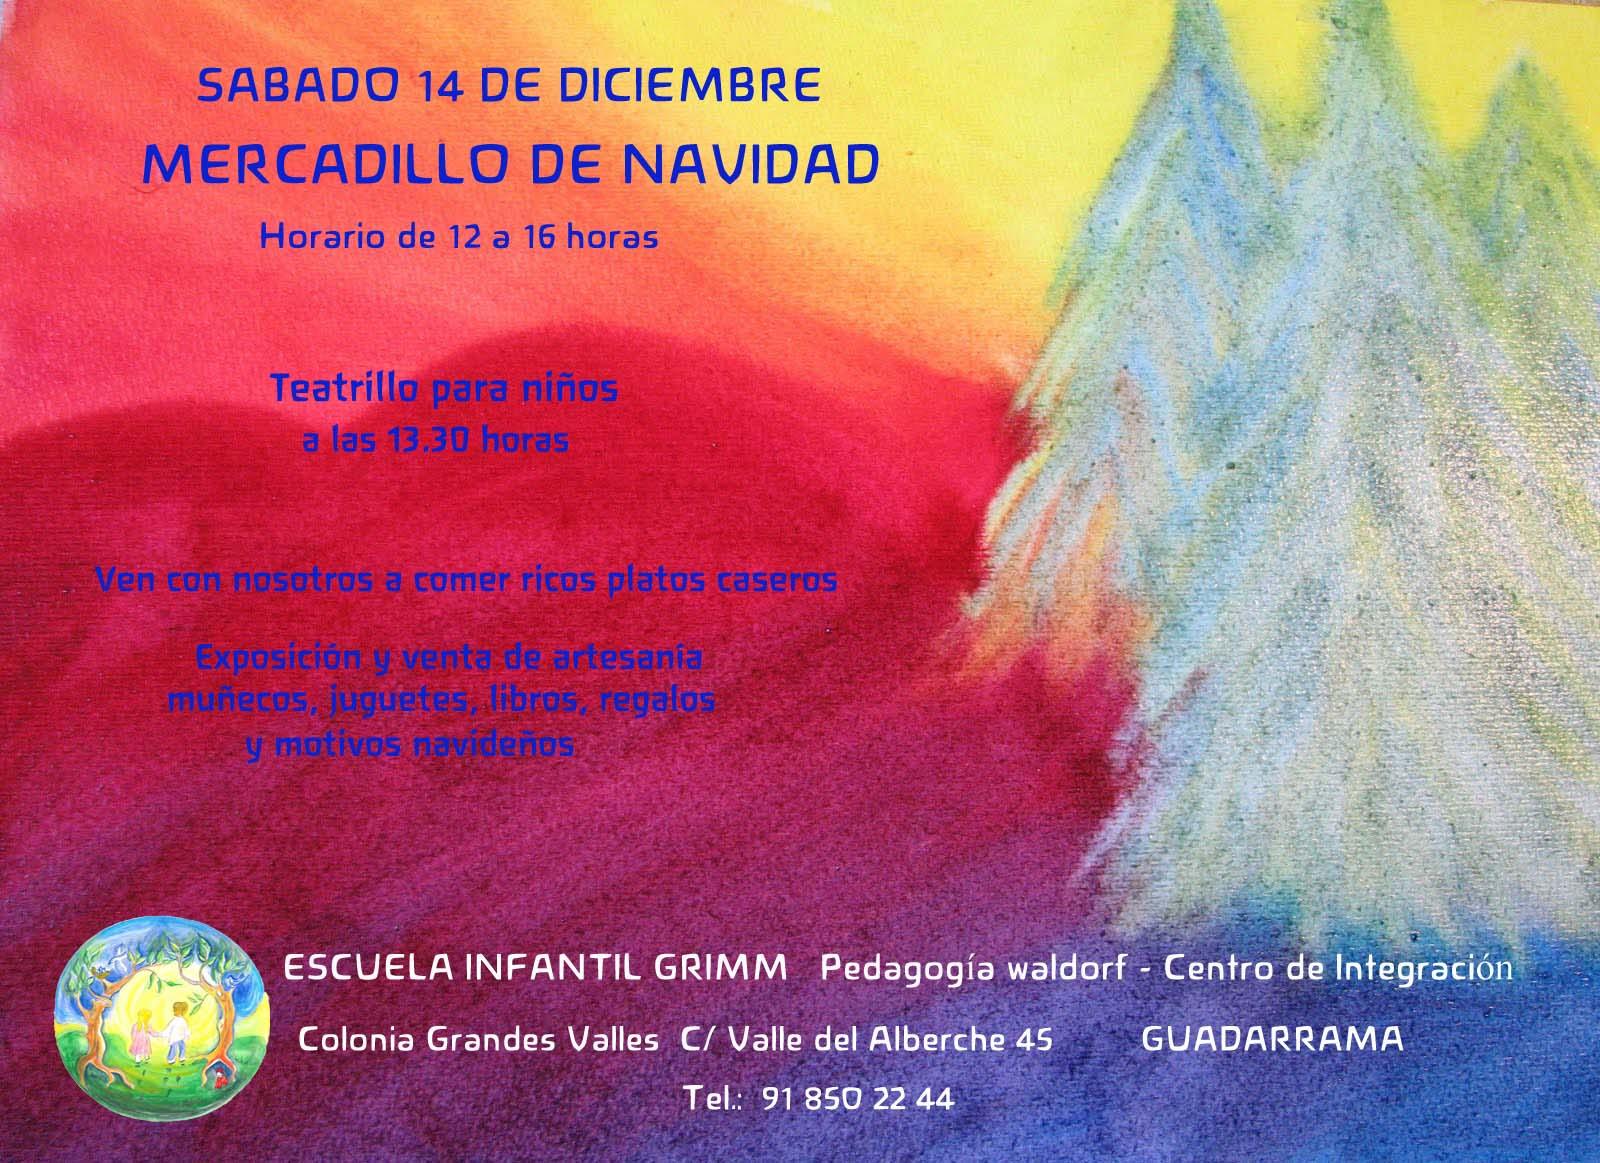 CARTEL MERCADILLO NAVIDAD 2013 DE LA ESCUELA INFANTIL GRIMM DE PEDAGOGÍA WALDORF EN GUADARRAMA MADRID